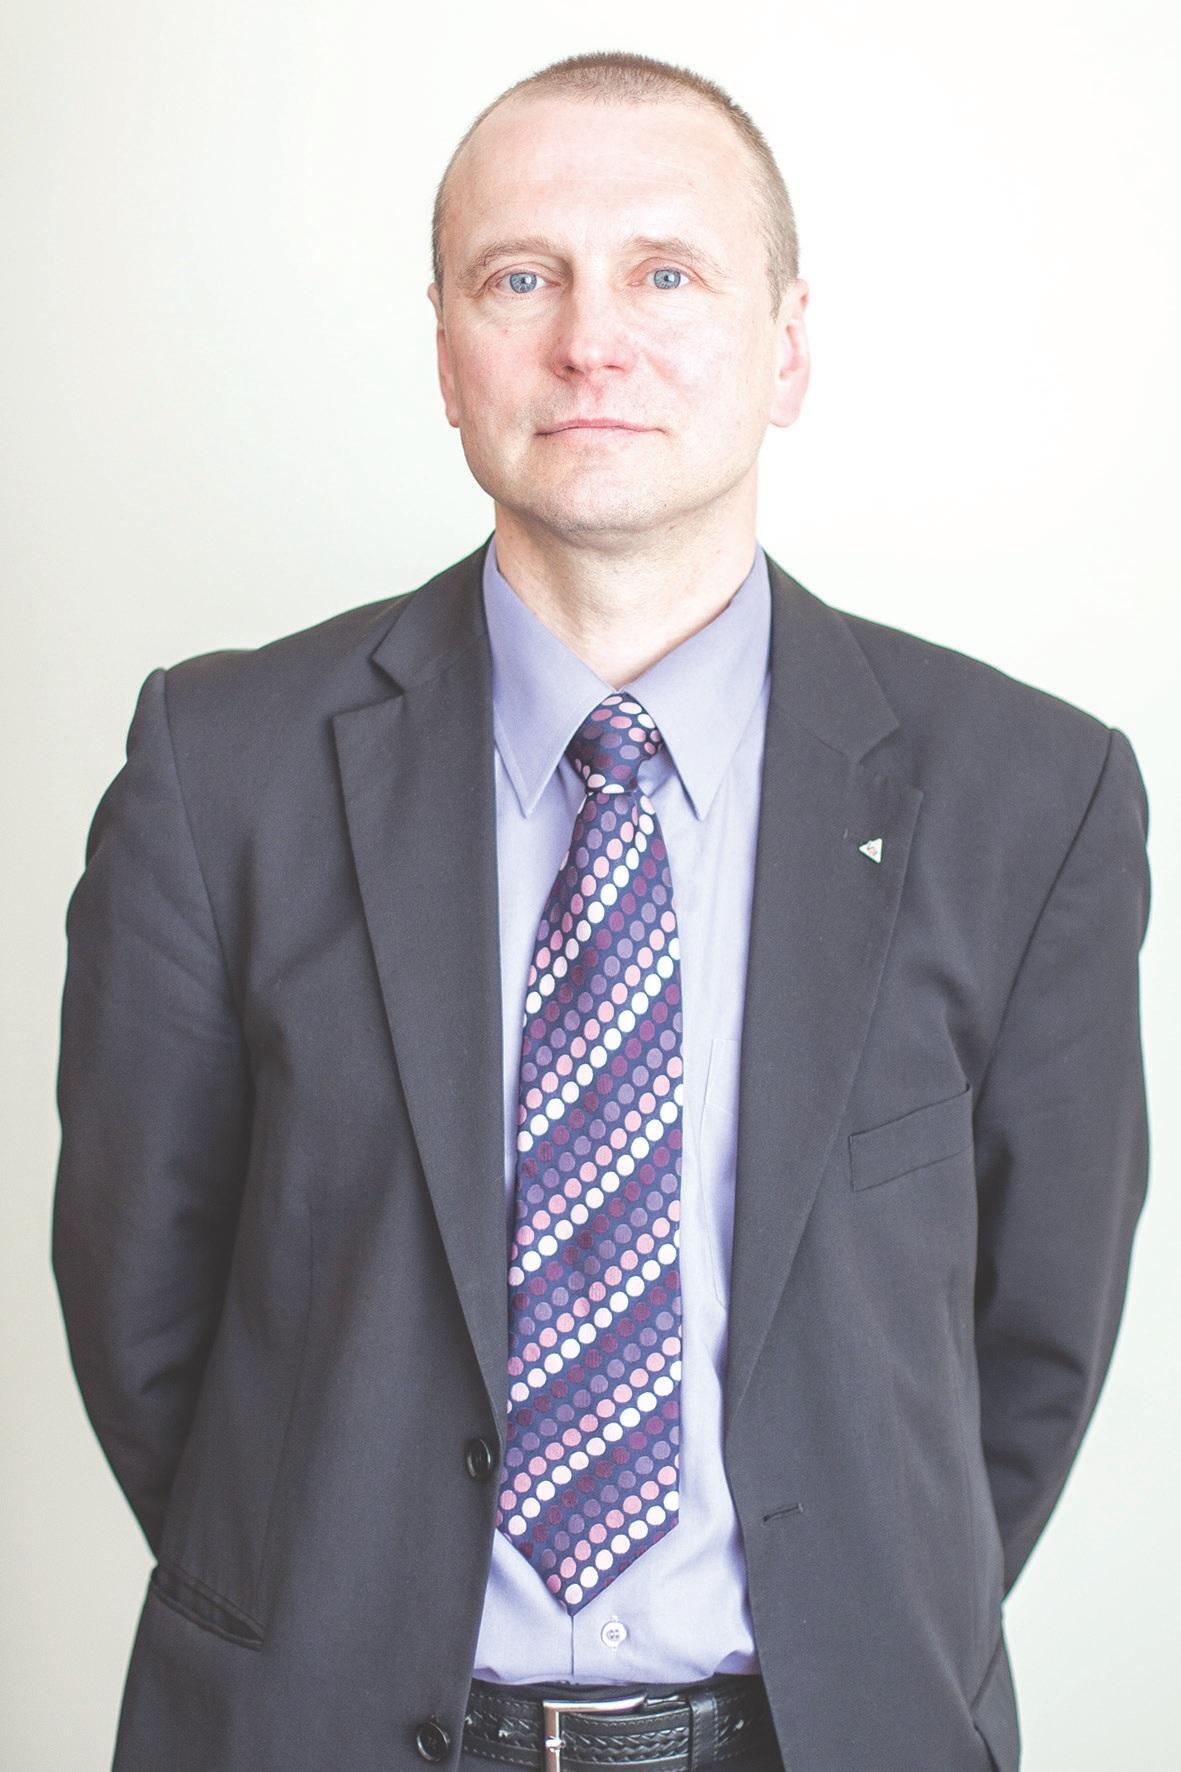 """S. Balčiūnas: """"Dažniausiai pasitaiko profesinės rizikos vertinimo pažeidimai. Profesinė rizika apima ir netinkamų darbų organizavimą, netinkamų darbo įrenginių organizavimą."""""""